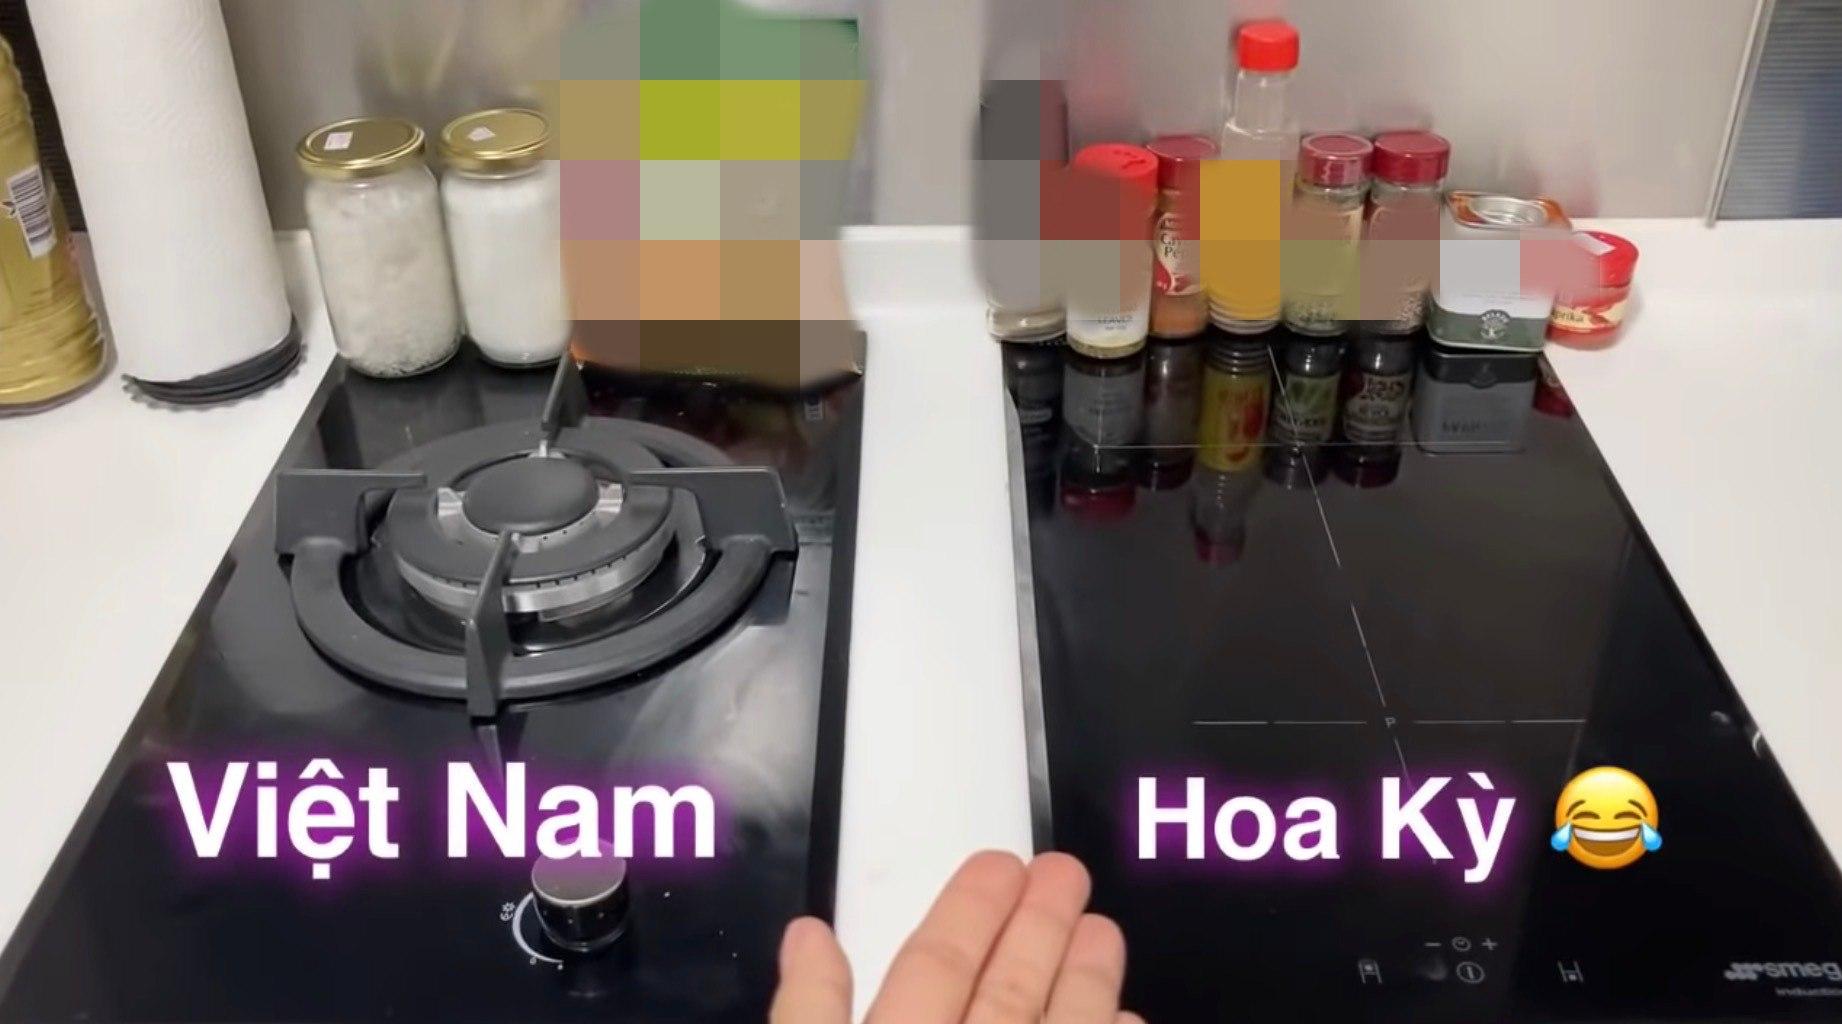 Những khác biệt từ ăn uống đến nấu nướng, sinh hoạt... khiến Hoàng Oanh ban đầu bỡ ngỡ.